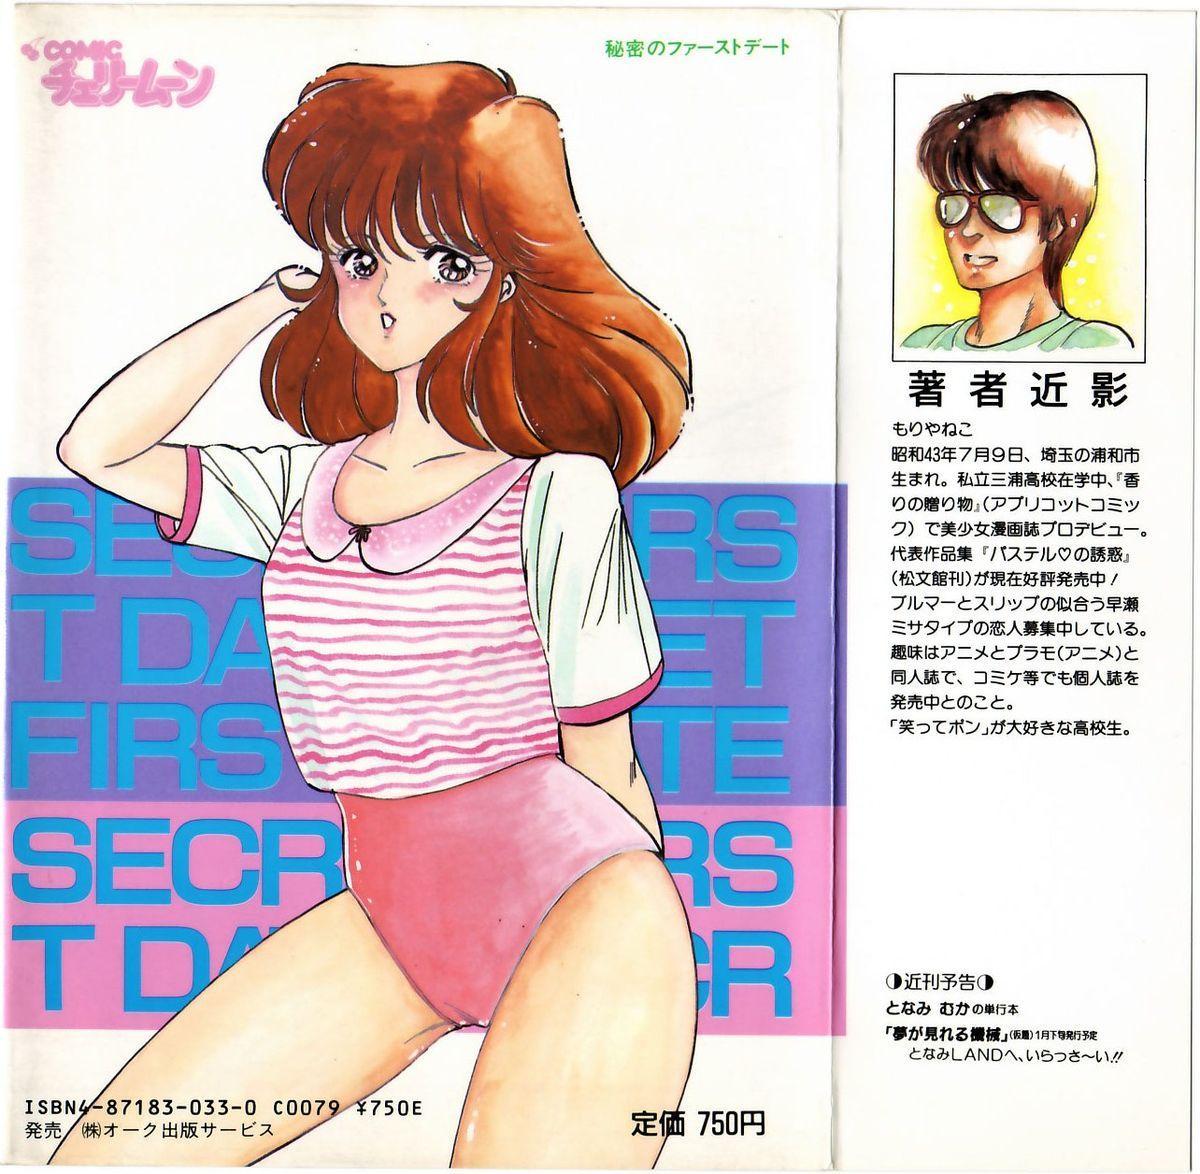 Himitsu no First Date - Secret First Date 1